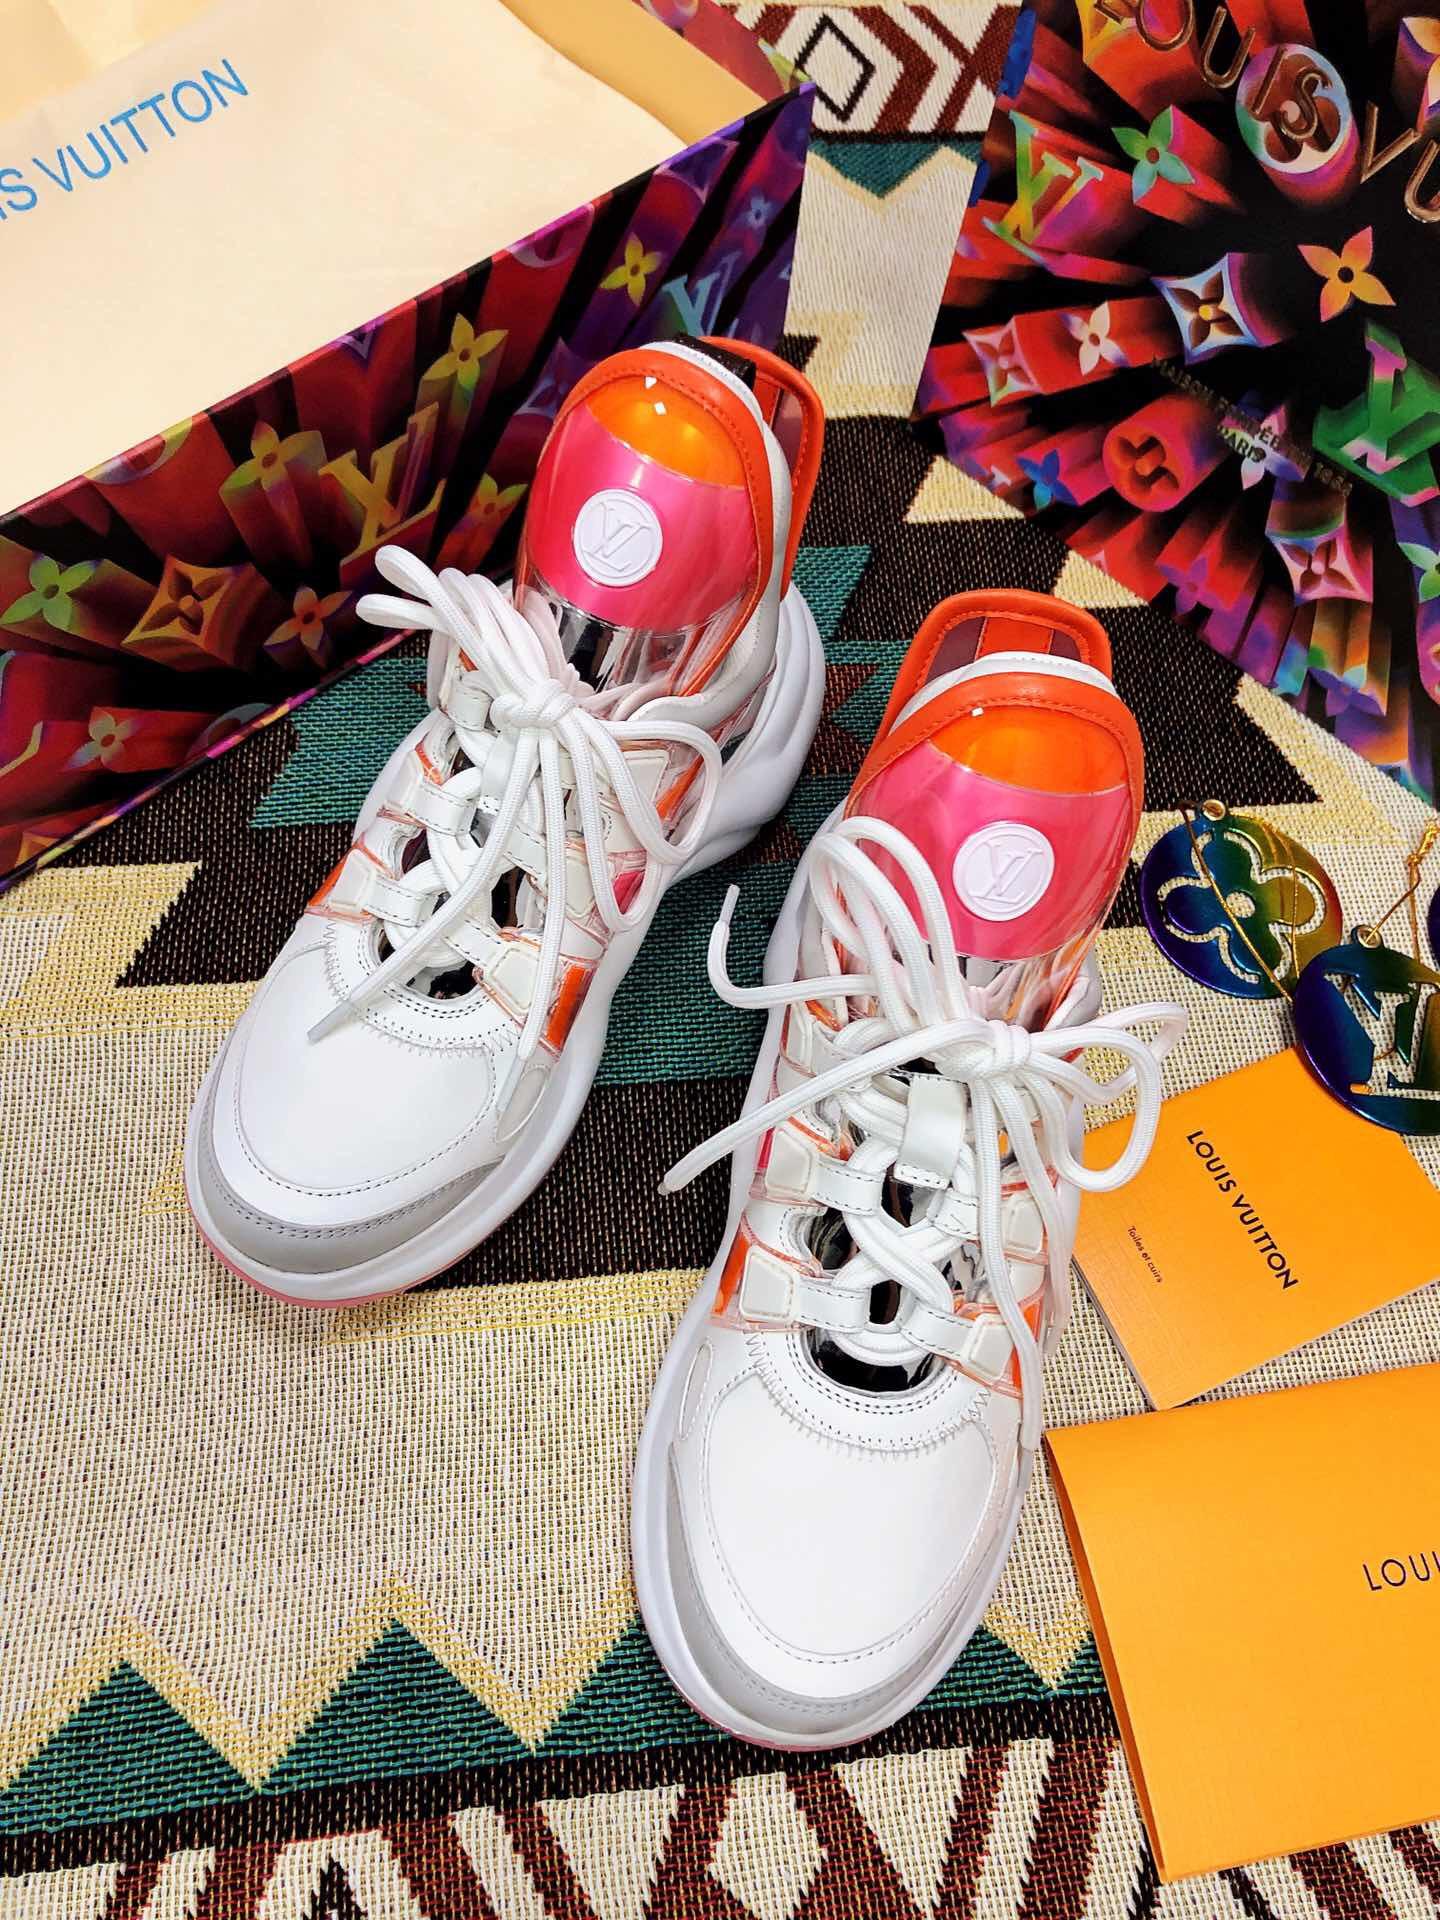 广州高仿原单一手货源 LV情侣款运动鞋 Archlight2020早春款sneaker老爹运动鞋